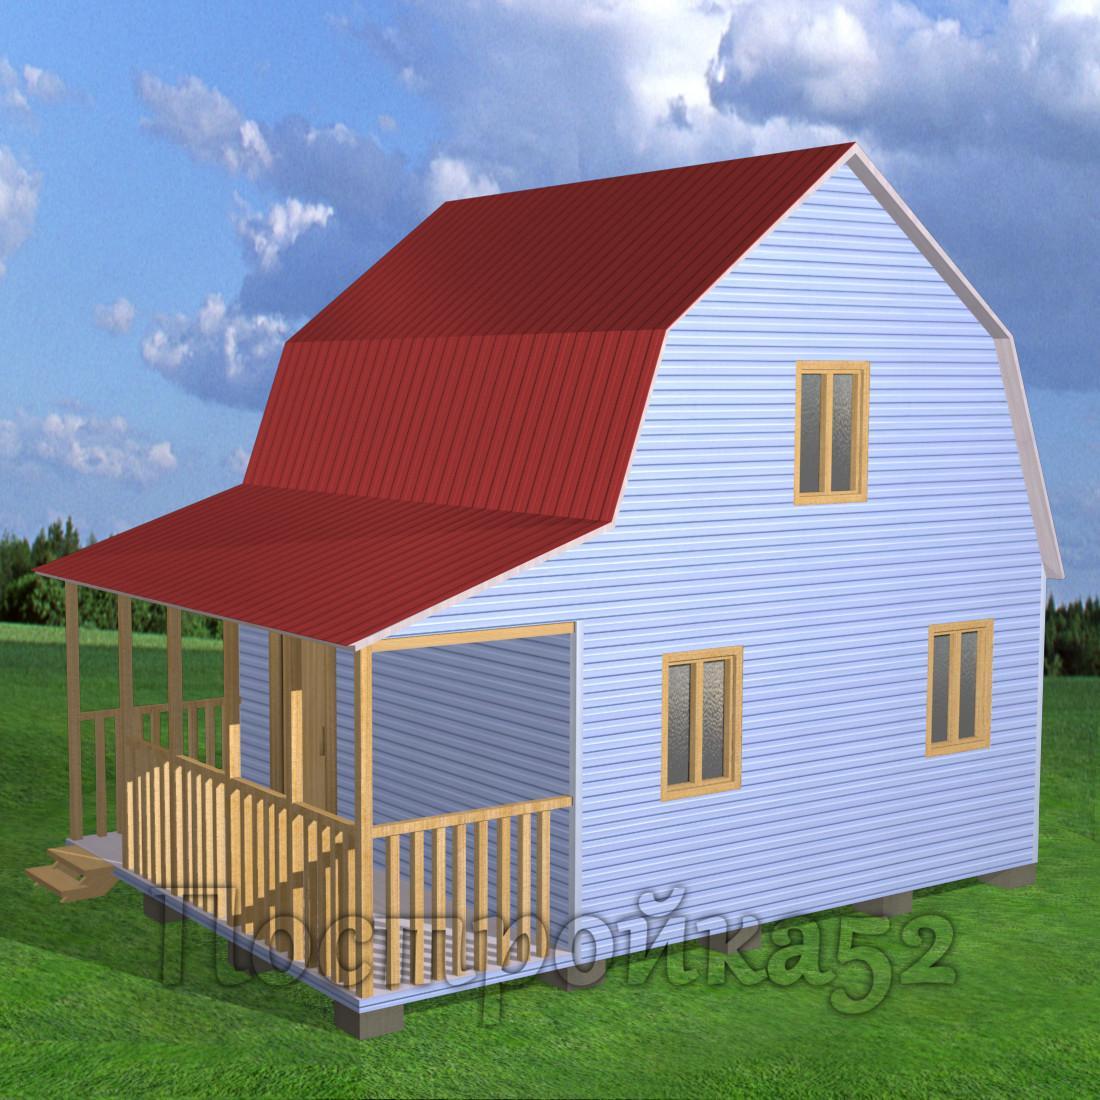 ПостройКа52 - строительство дачных домов, коттеджей, бань в Нижнем Новгороде